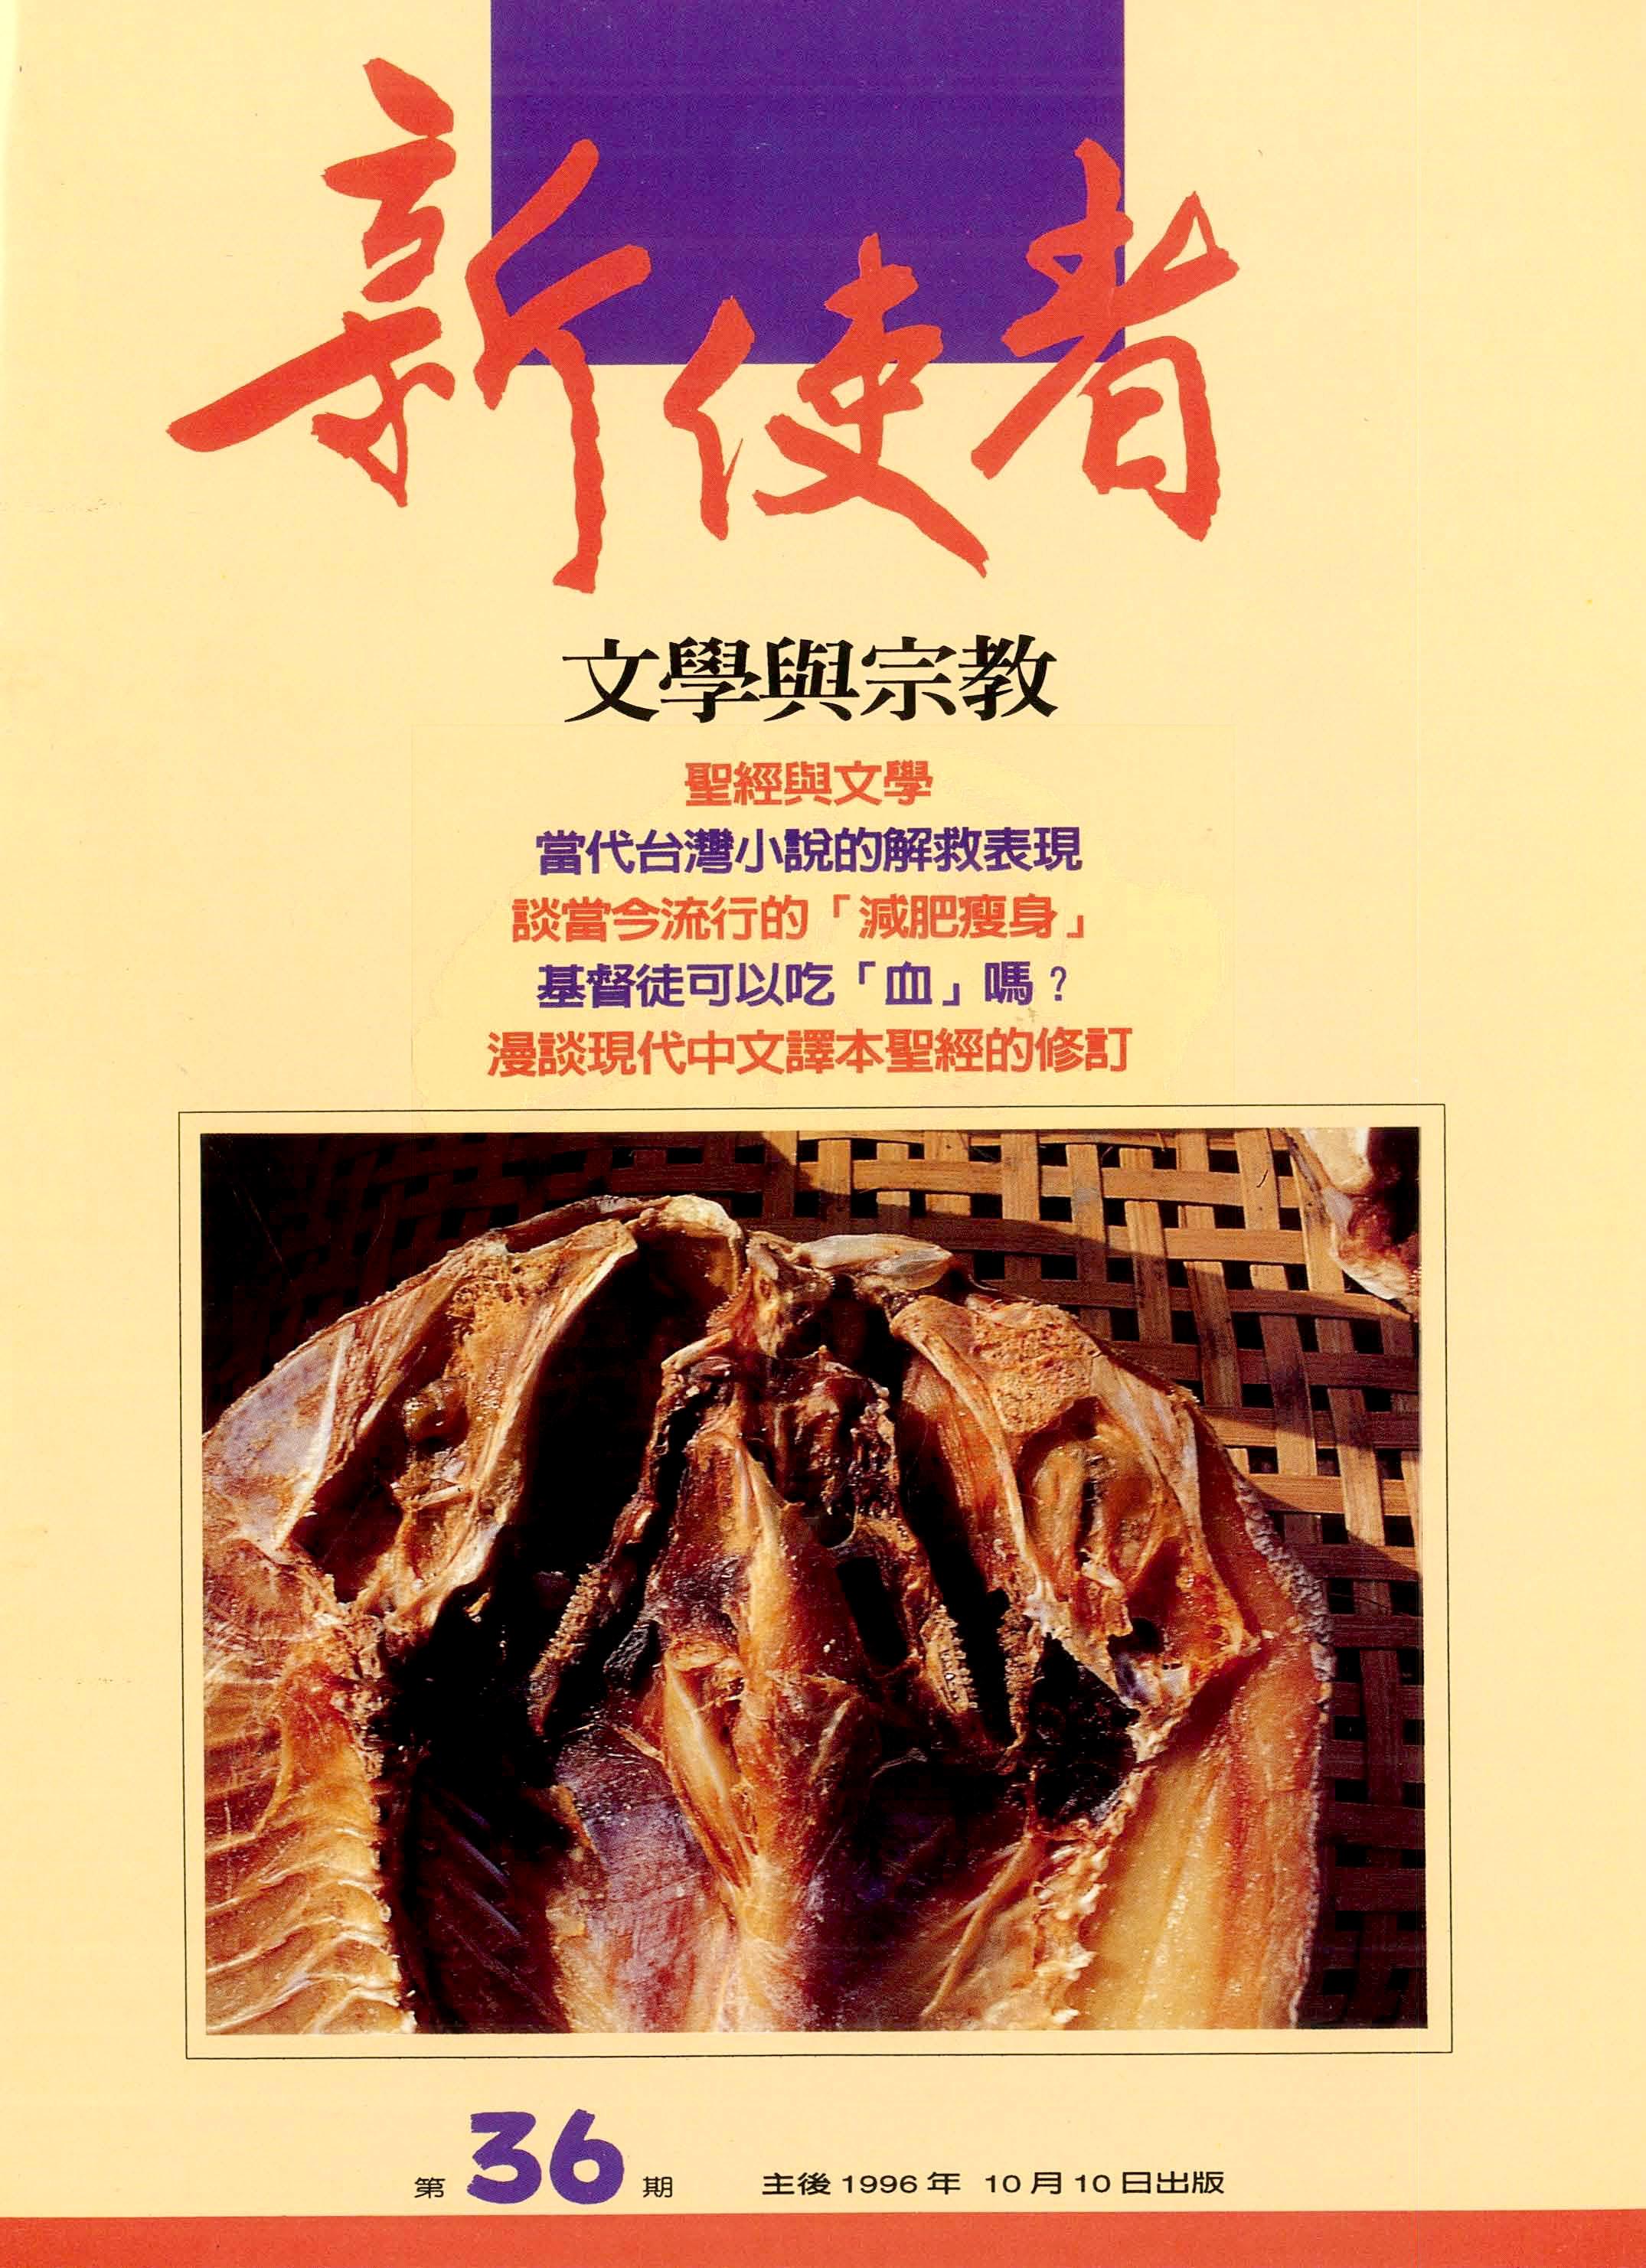 新使者雜誌 The New Messenger  36期  1996年  10月 文學與教宗